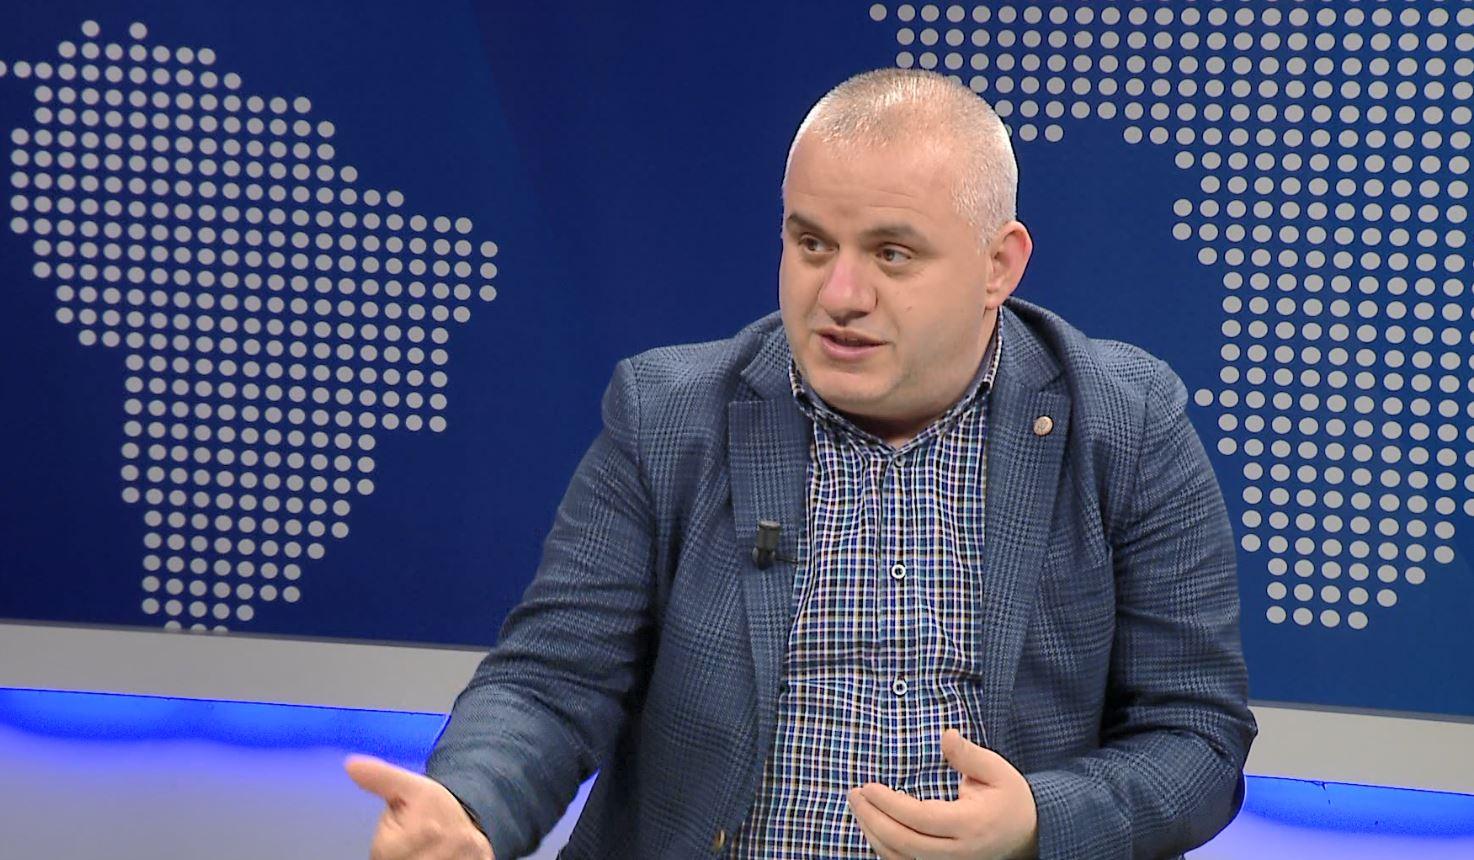 Artan Hoxha: Kam videon, një kryebashkiak është filmuar në momente kompromentuese